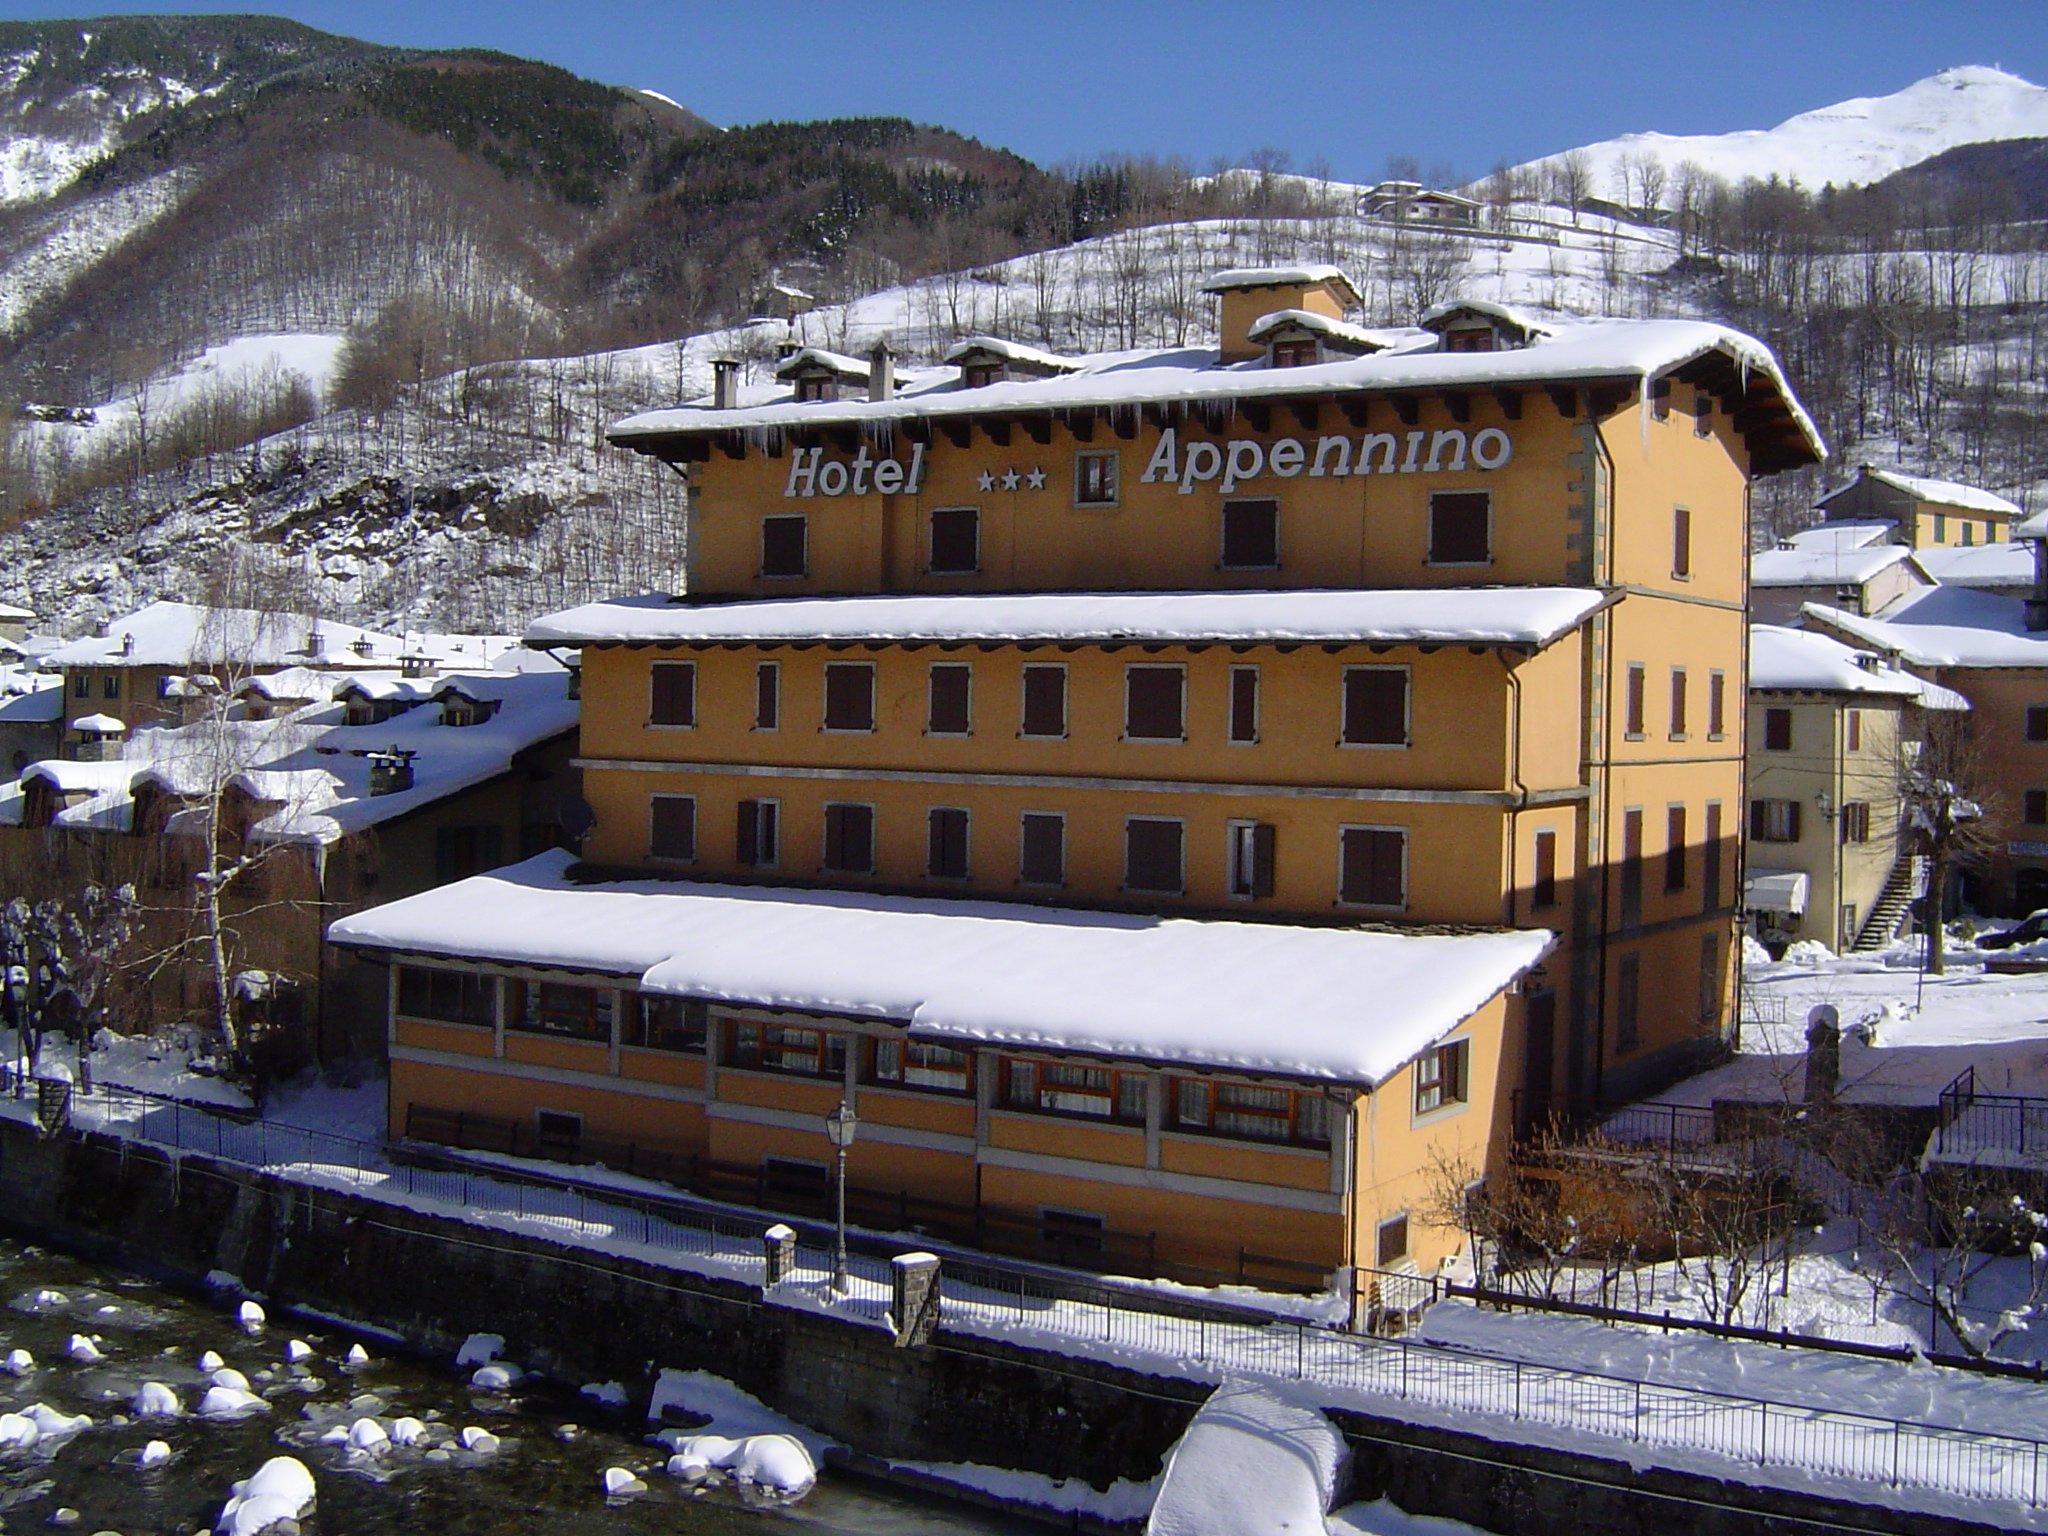 Hotel Appennino - La struttura